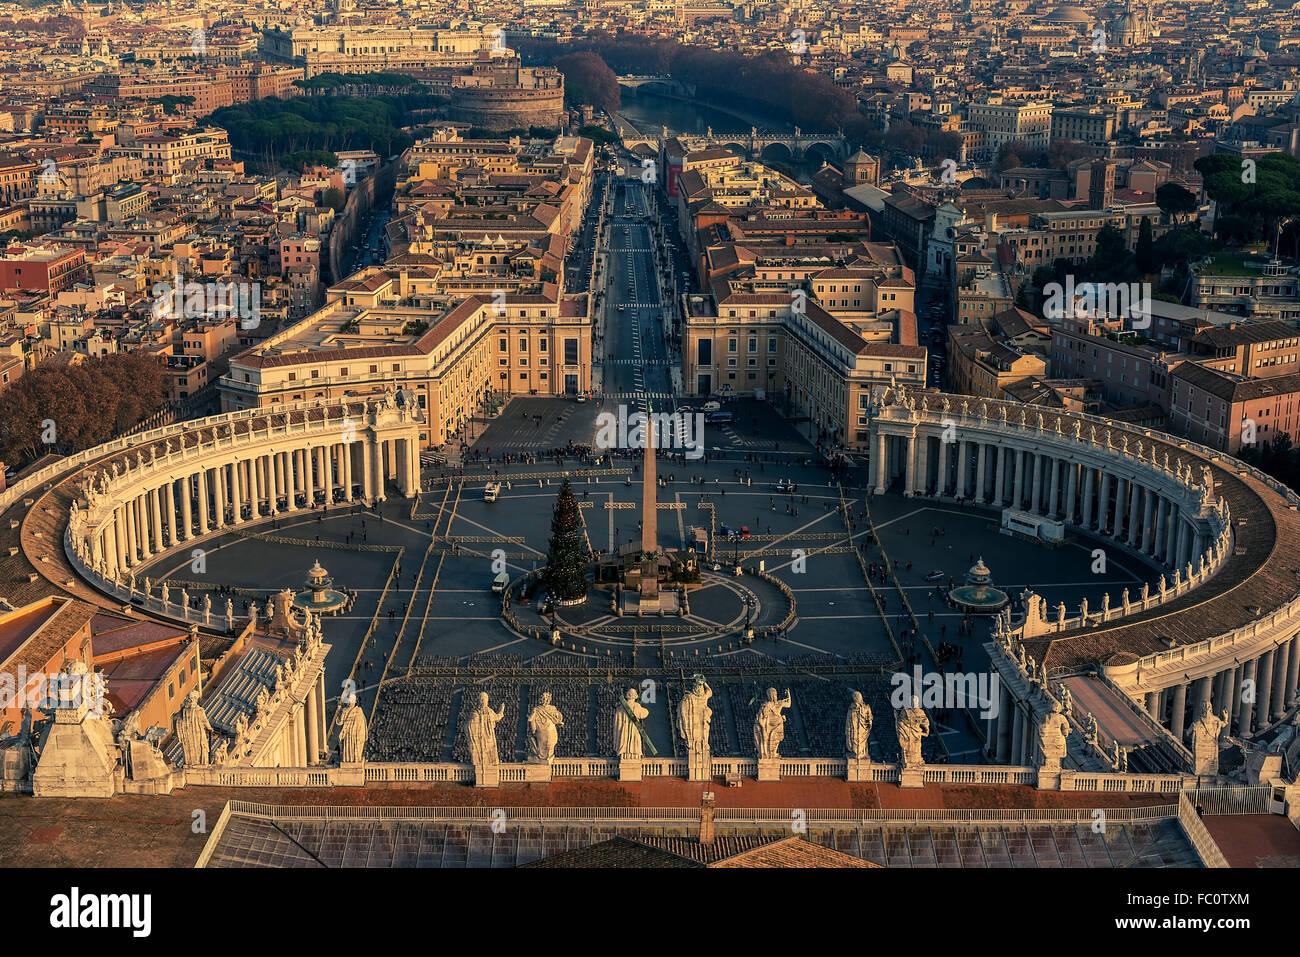 Vista aérea de la Ciudad del Vaticano y Roma, Italia Imagen De Stock